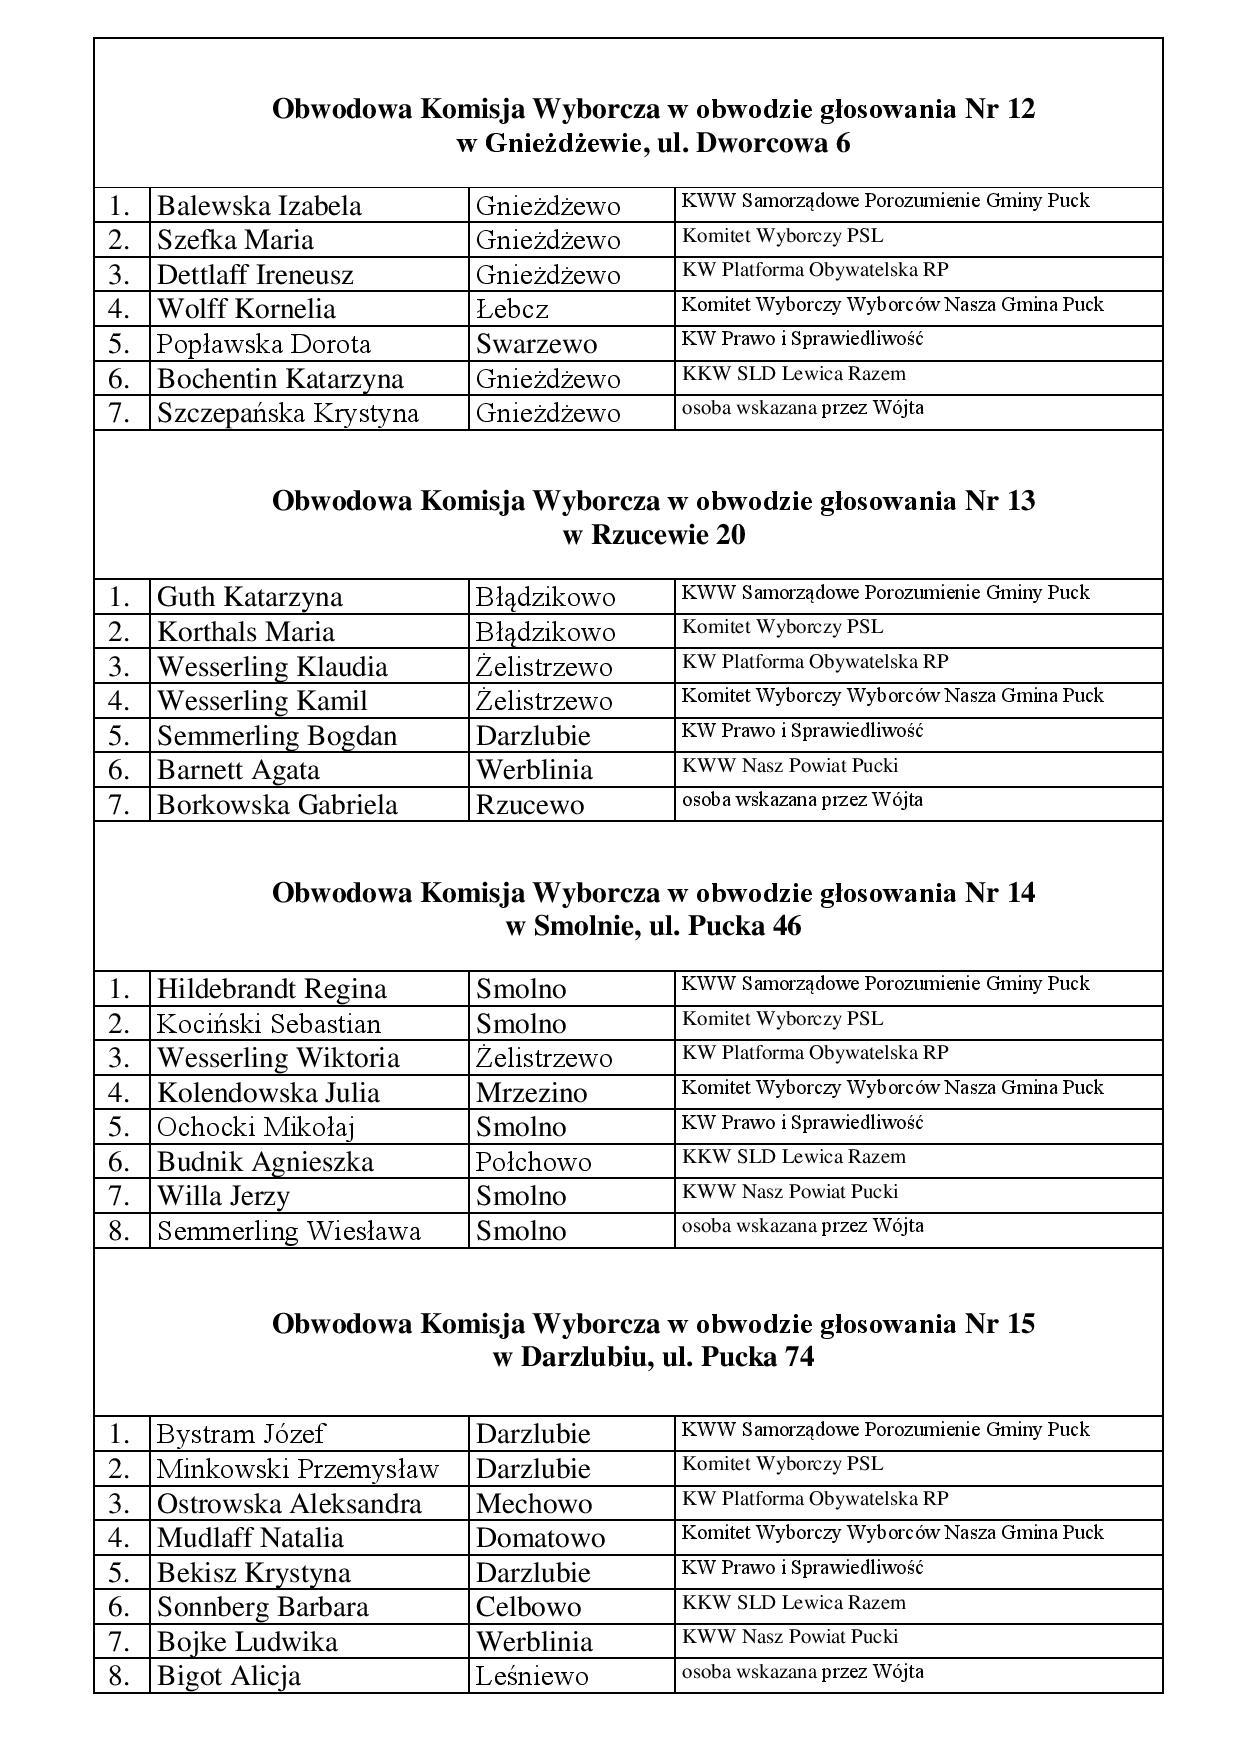 ZAŁĄCZNIK do UCHWAŁY Nr 5 GKW z dnia 22.10.2014 r.-page-004